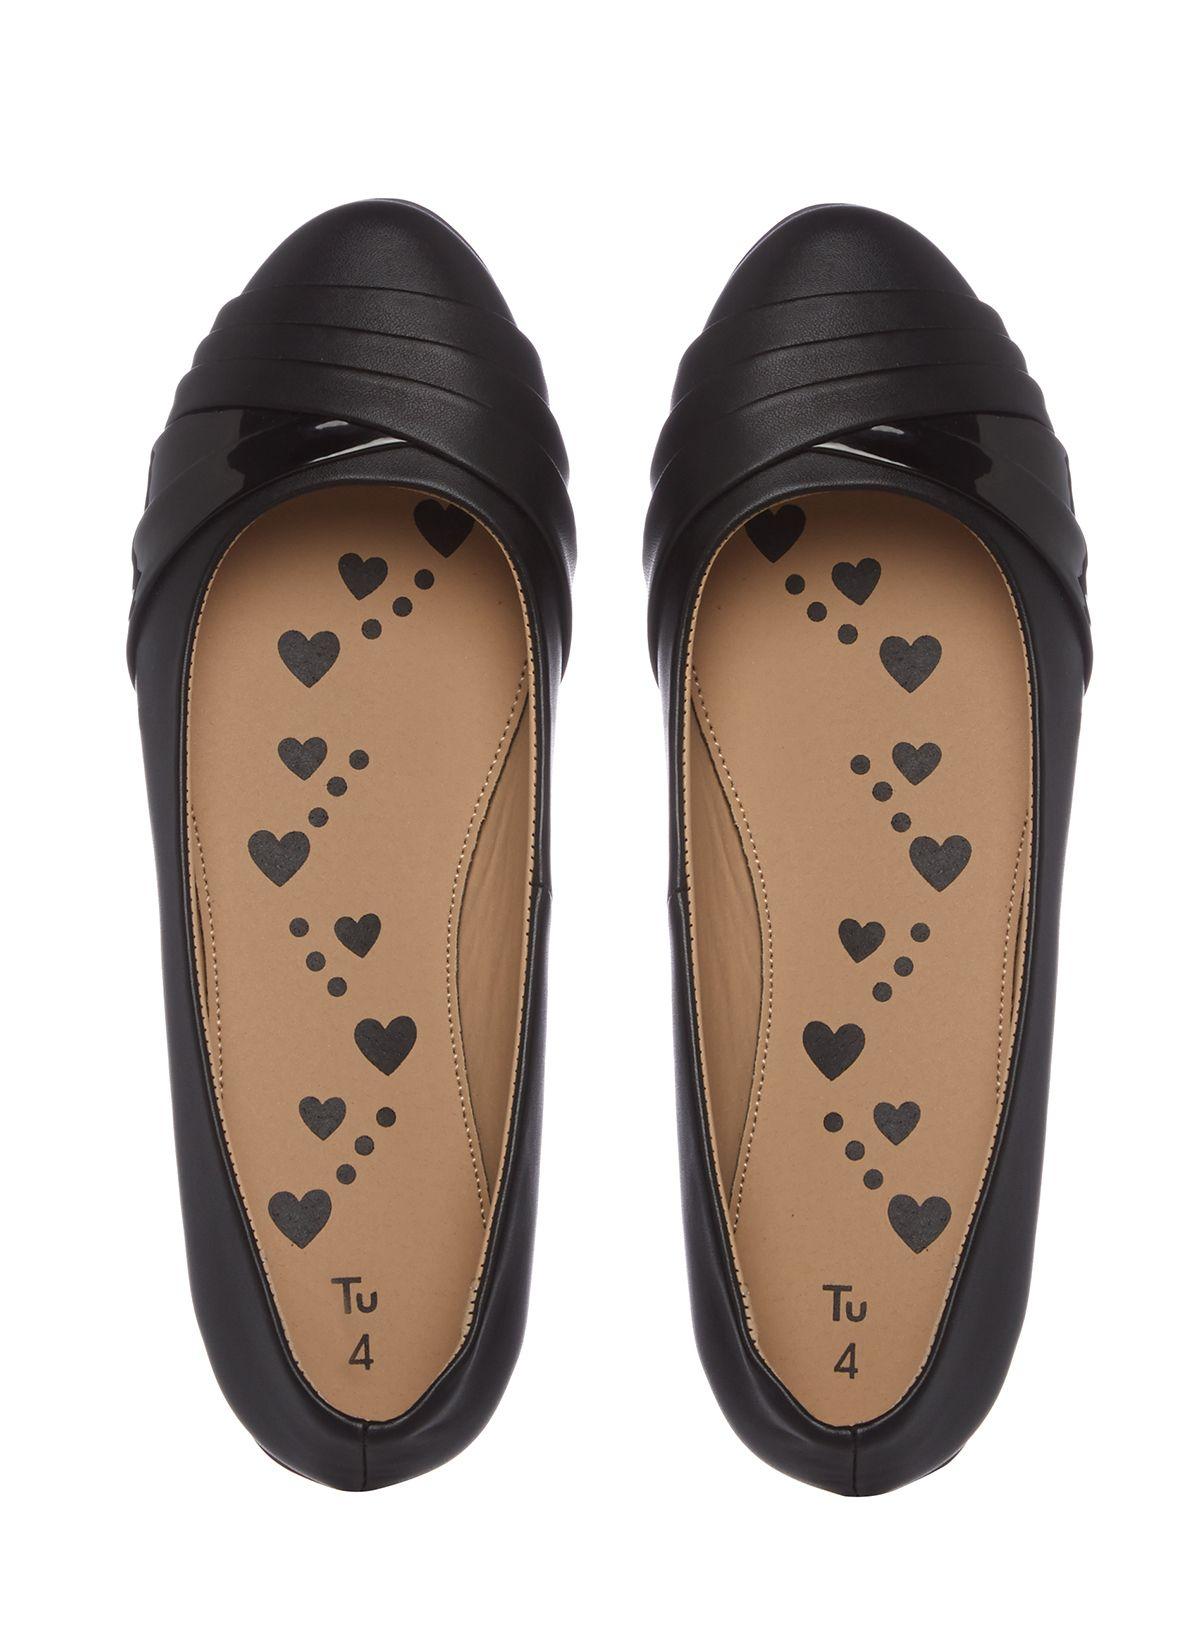 Pin on Girls' Shoe!